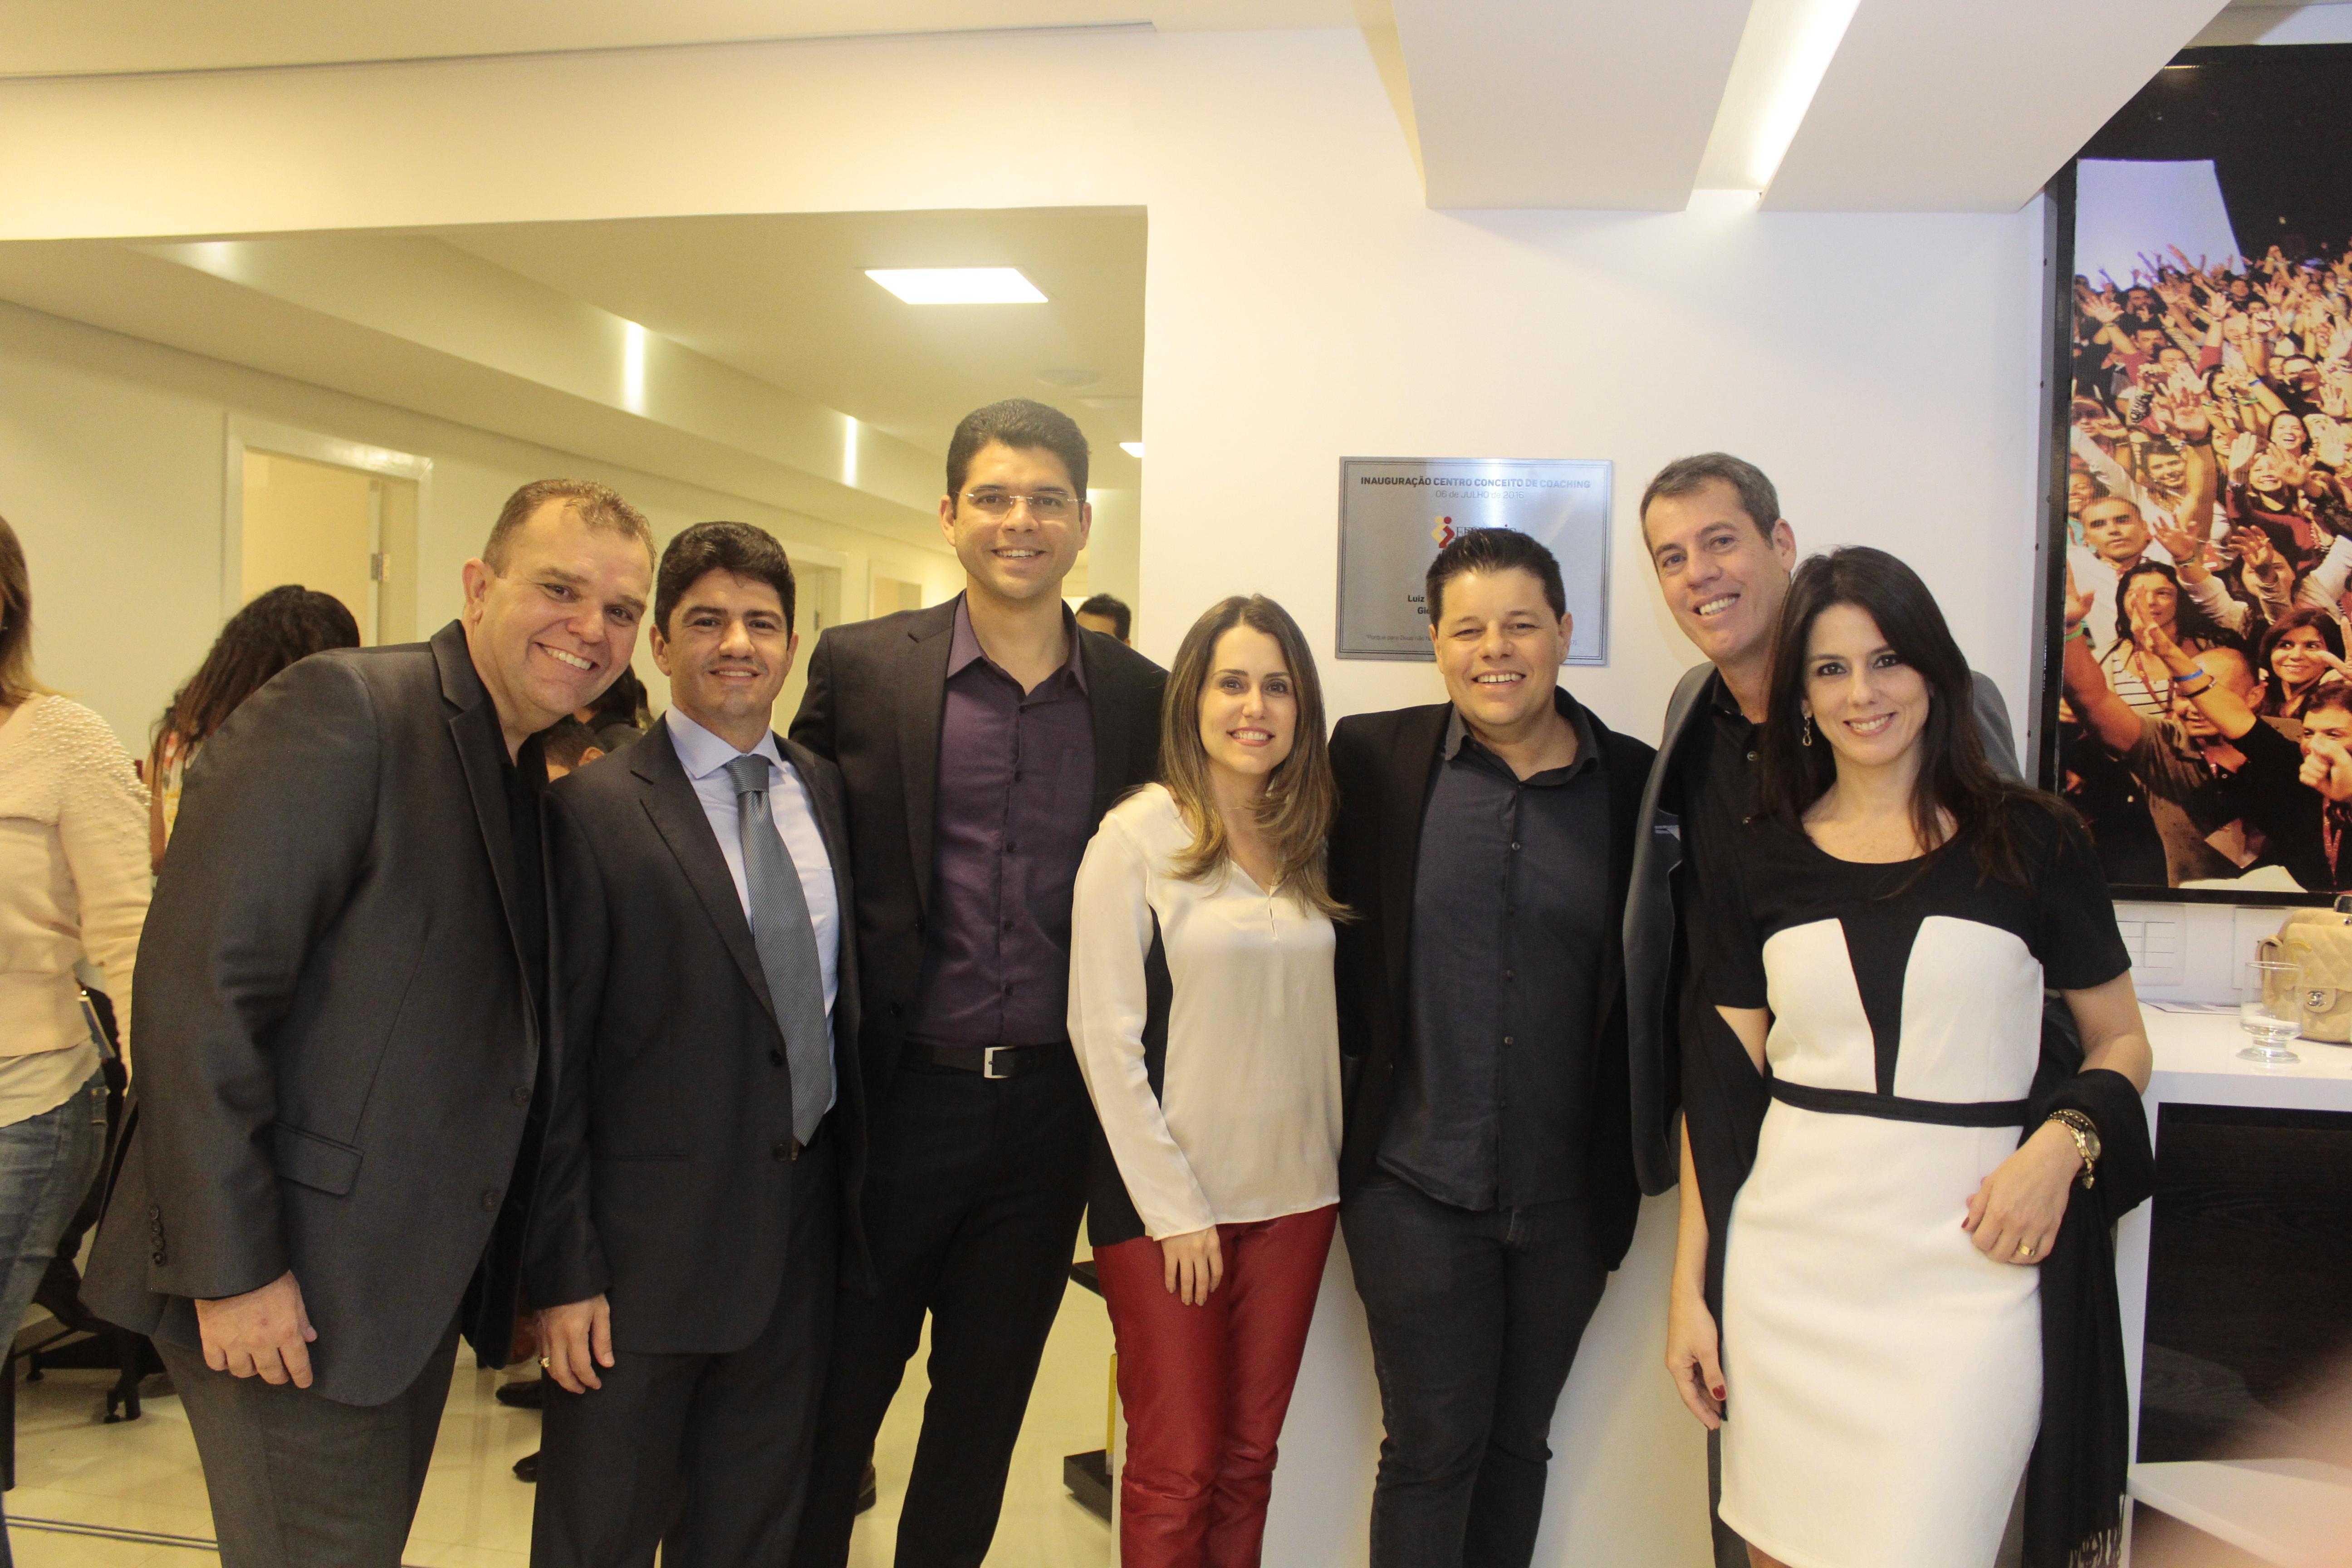 Giovanni Santos, Júlio ponte, Ronald Gomes, Rachel e Ricardo Brandão, José André e Renata André